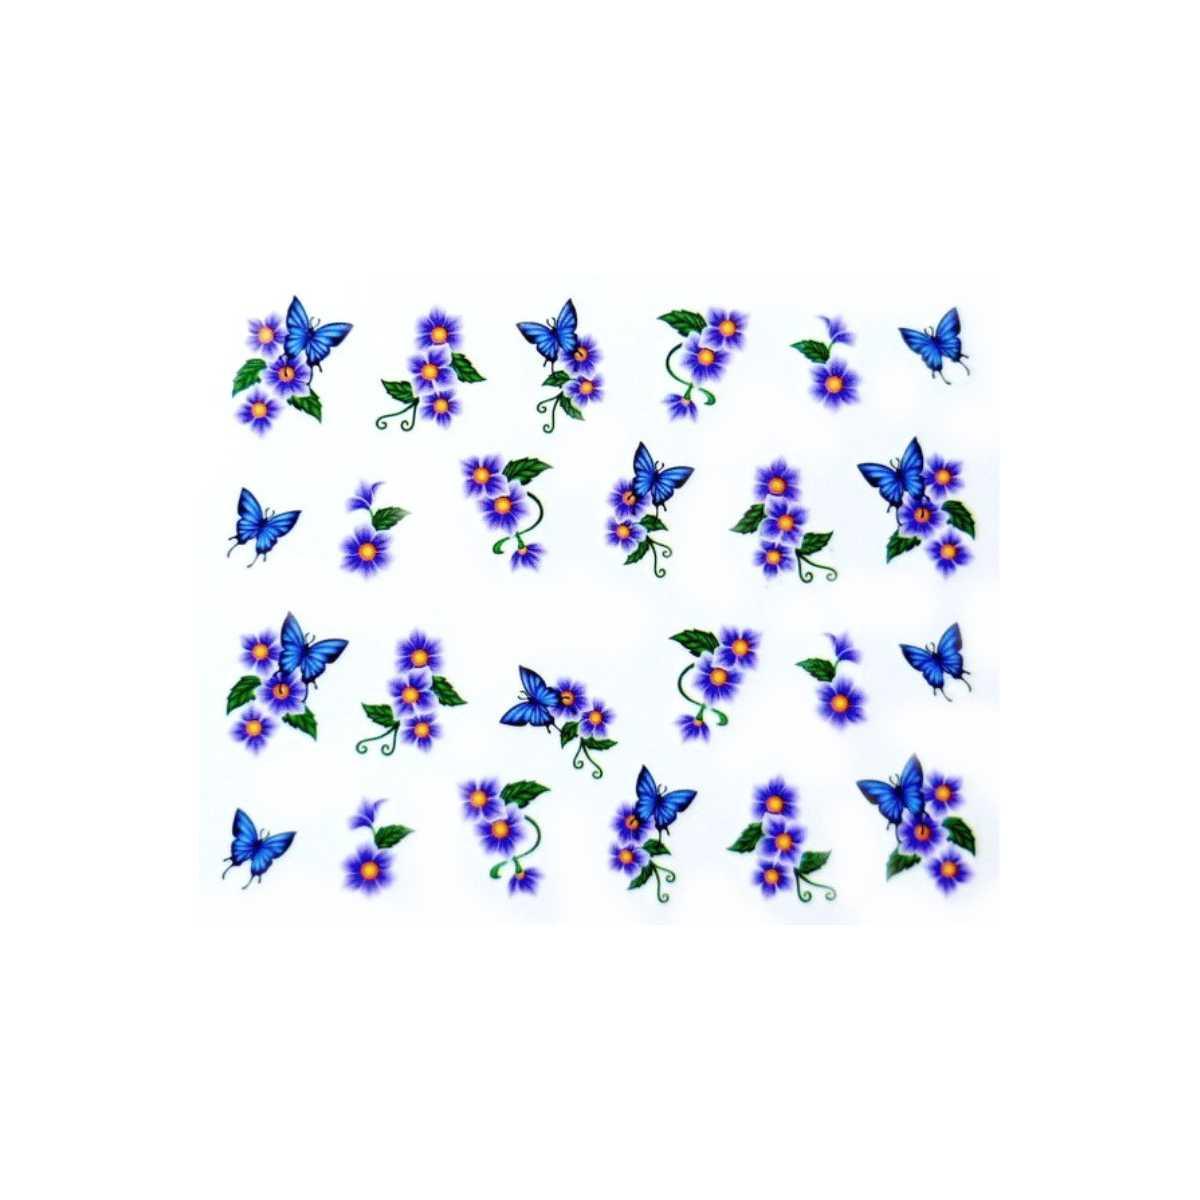 https://www.kit-manucure.com/2131-thickbox_default/water-decals-fleurs-violettes-et-papilllons-bleus.jpg